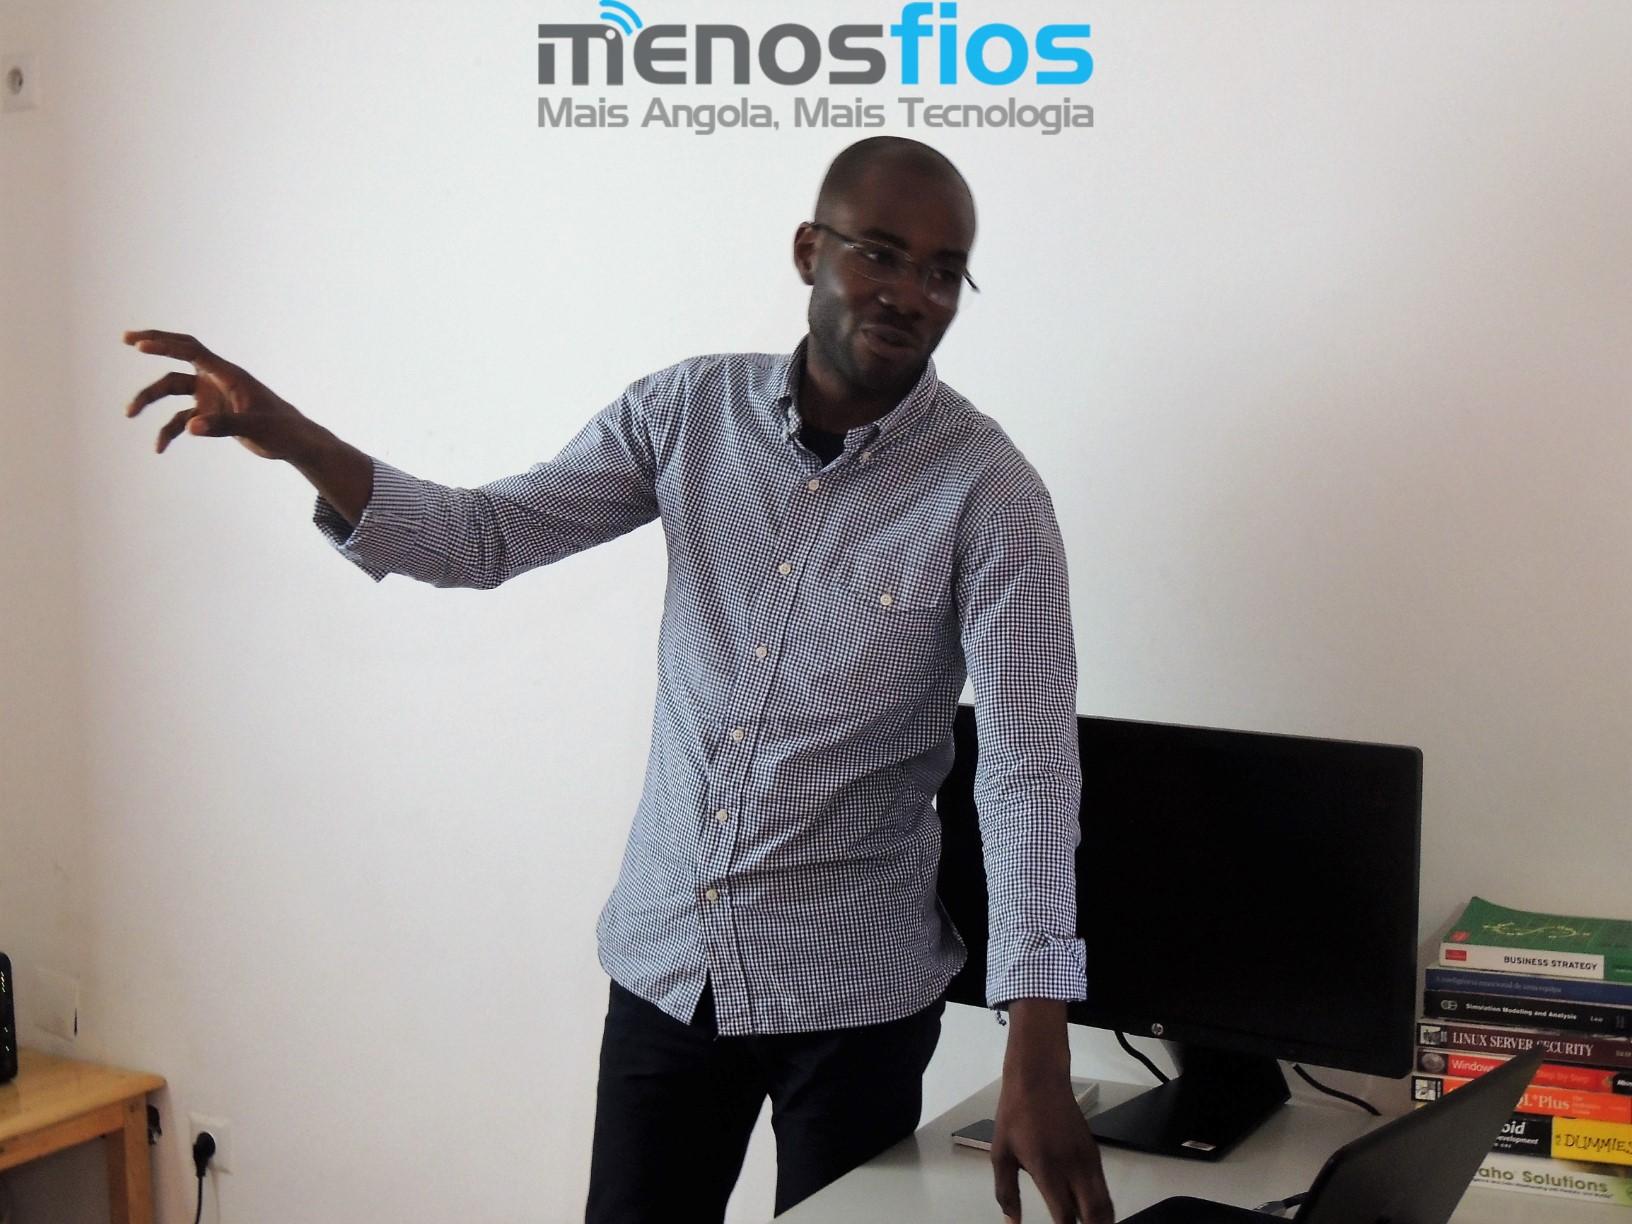 Adilson Pedro - menosfios.com